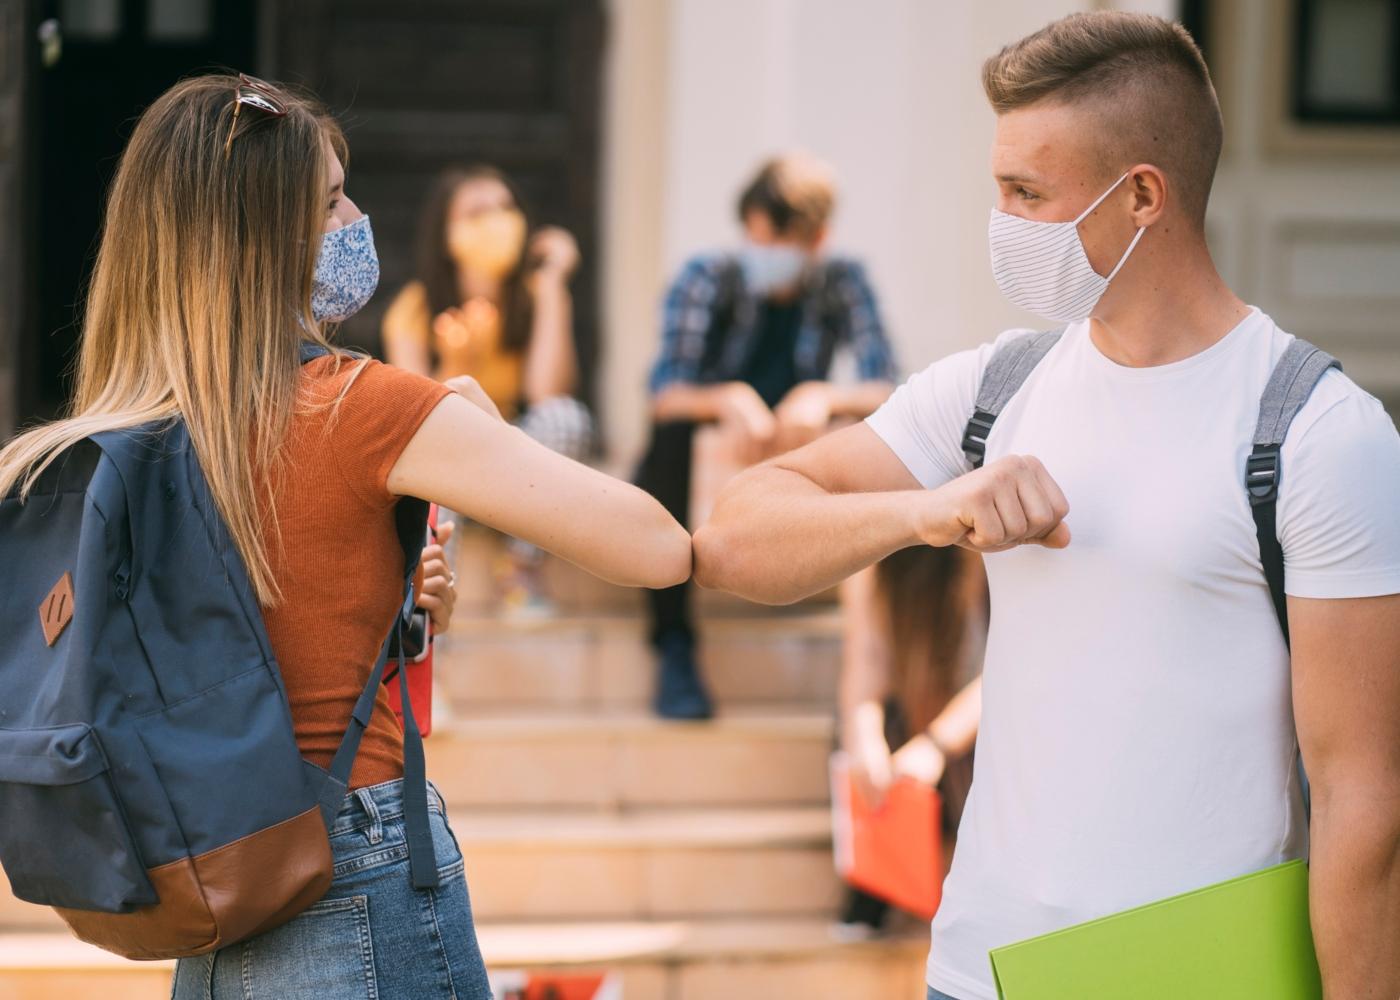 Estudantes do ensino secundário com máscara na escola